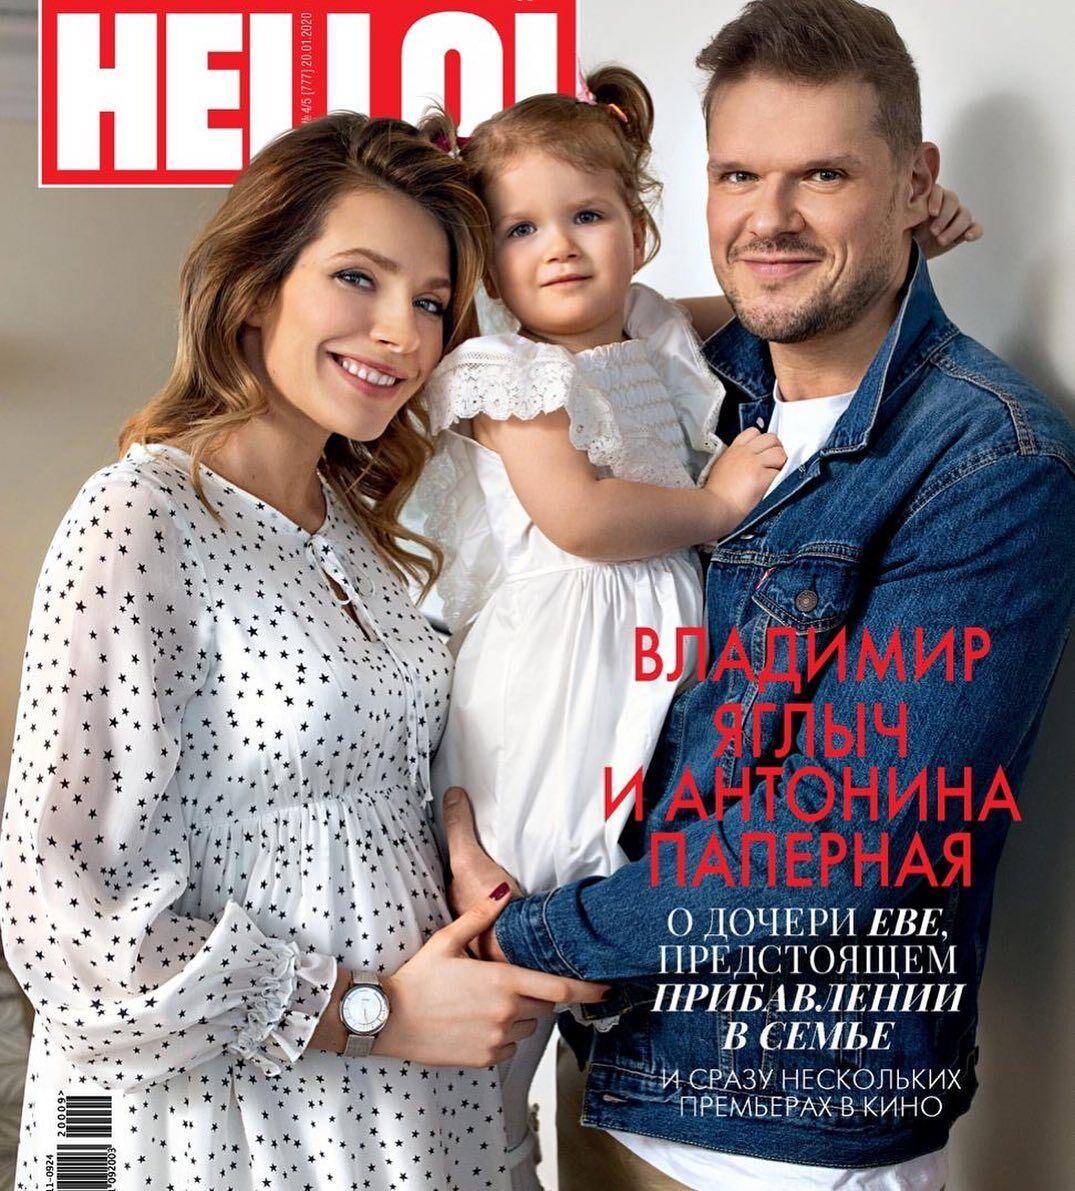 Антонина Паперная и Владимир Яглич с дочерью